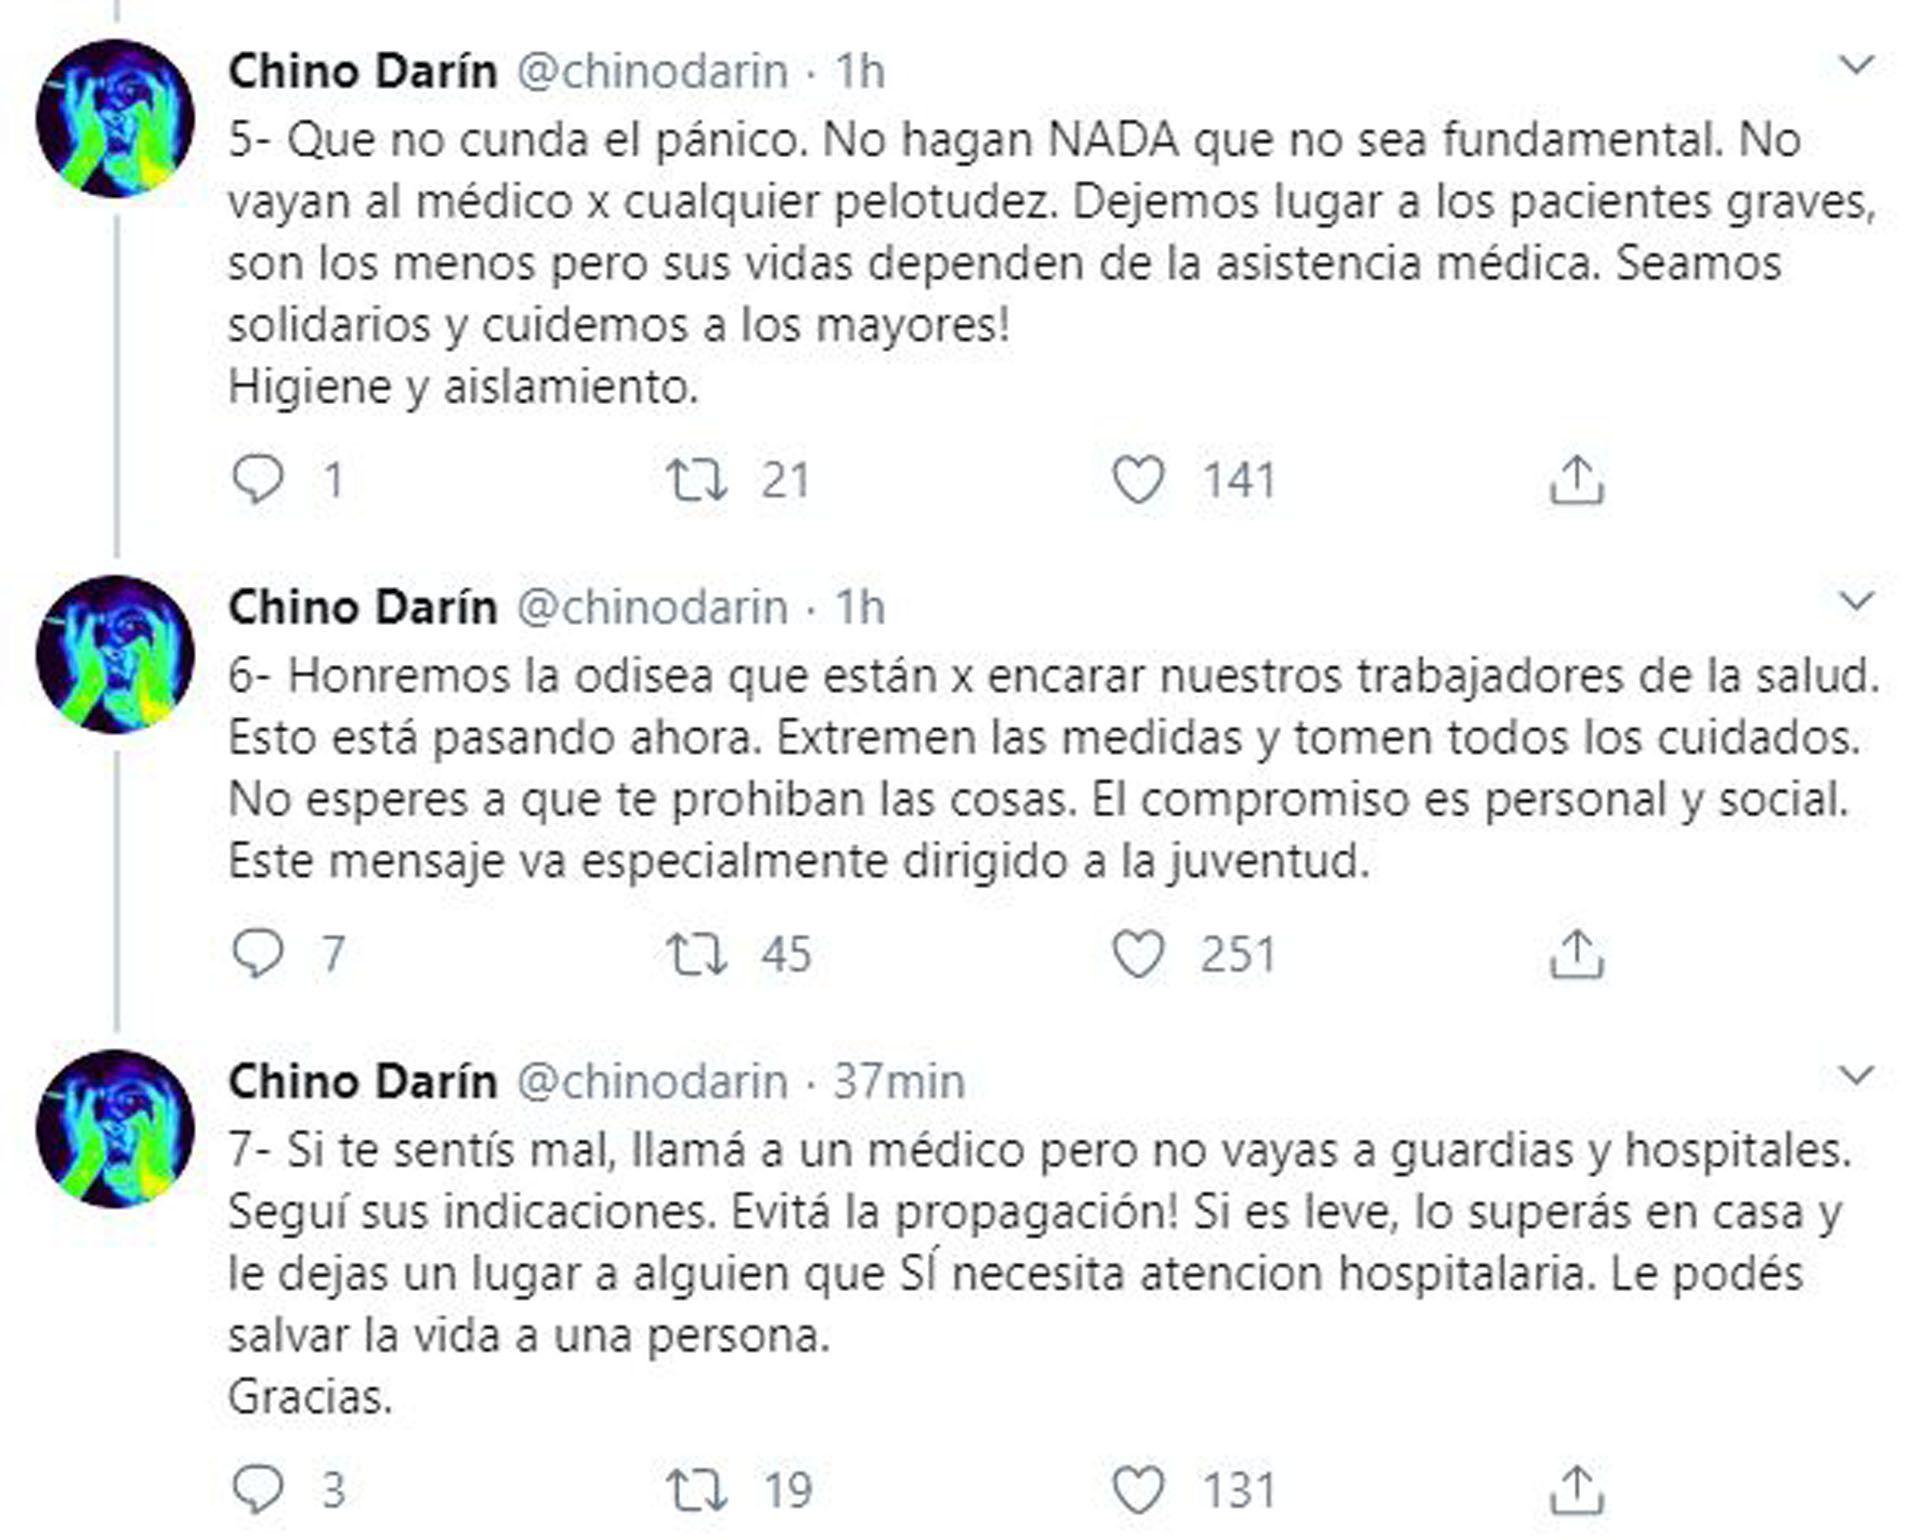 Los mensajes del Chino Darín sobre el coronavirus (Fotos: Twitter)